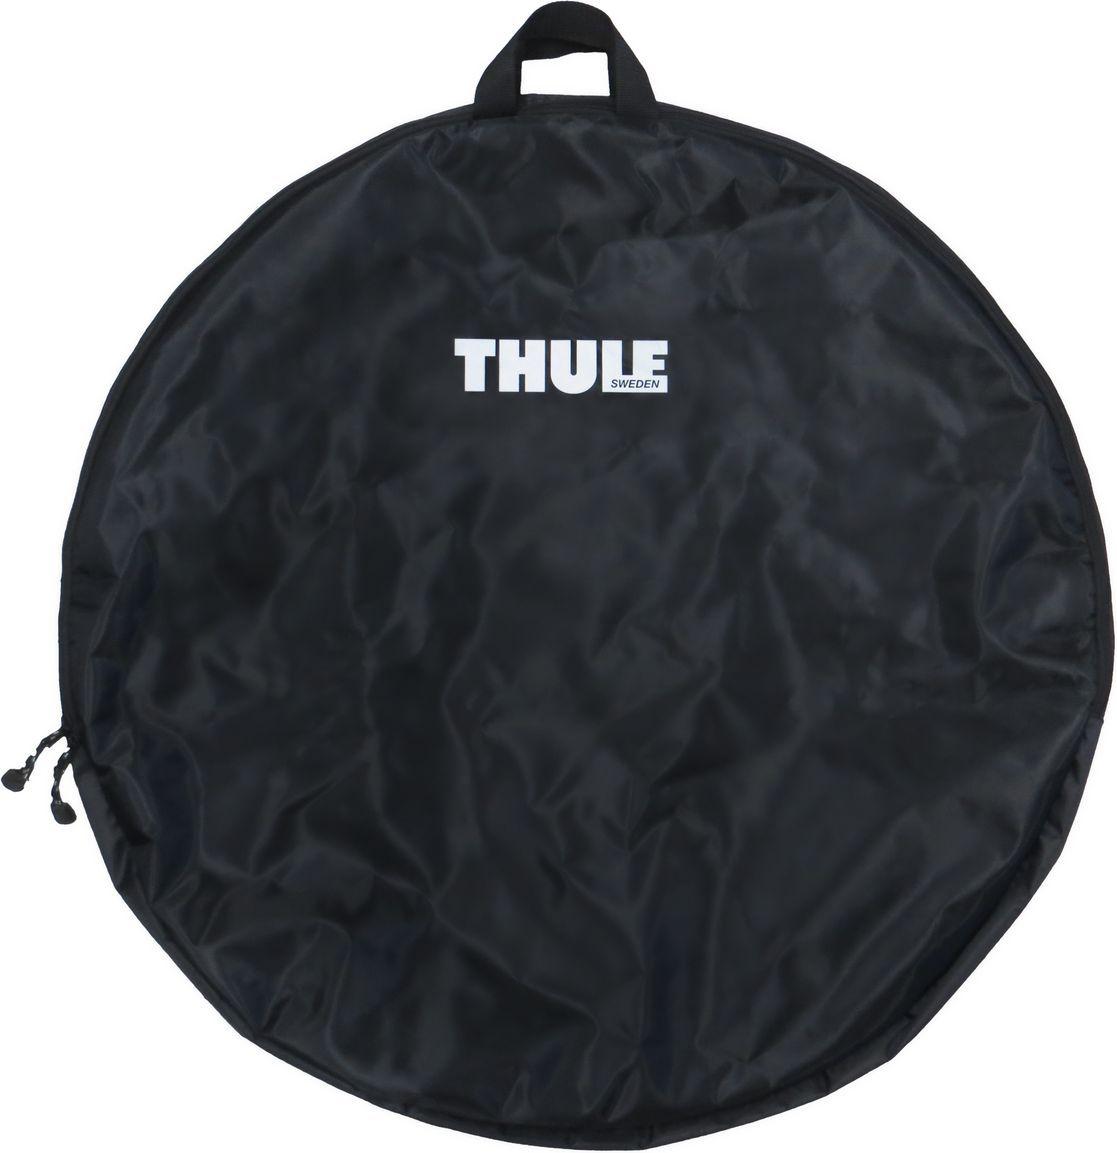 Чехол для велоколеса Thule, размер XL. 563Z90 blackЧехол для колес Thule 563 XL - Специально спроектированная, высококлассная сумка для передних колес.